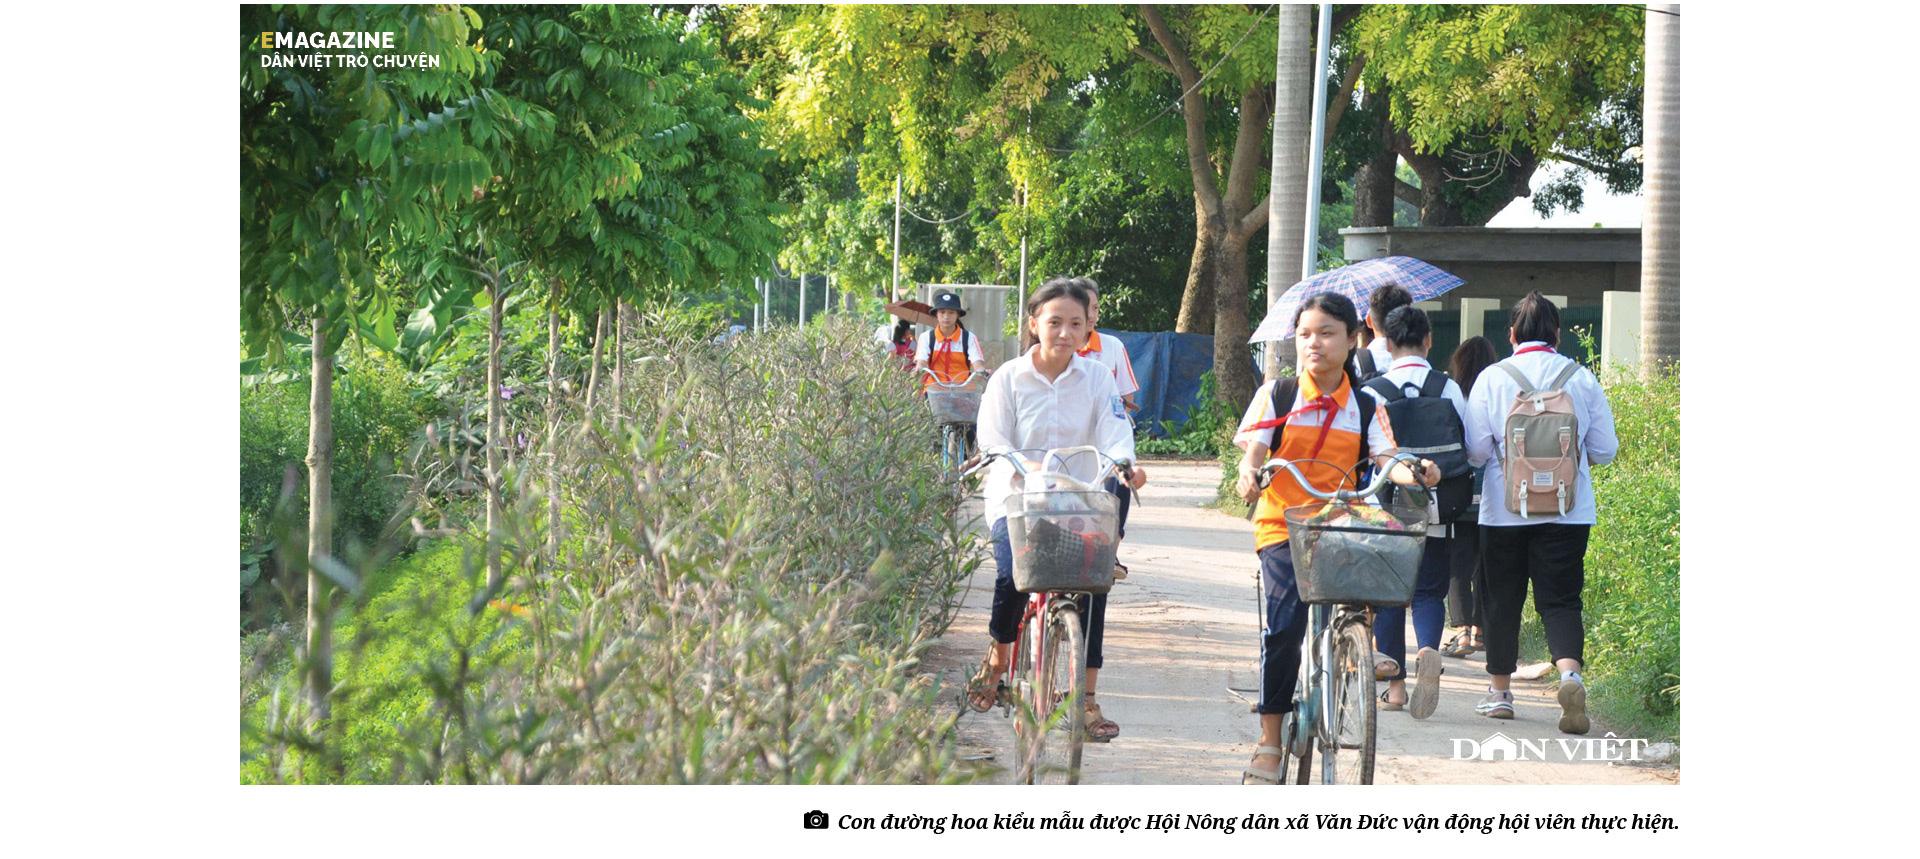 """Nguyễn Văn Tuất - """"thủ lĩnh"""" nông dân giỏi với biệt tài chăn nuôi 10 tỷ đồng/năm - Ảnh 18."""